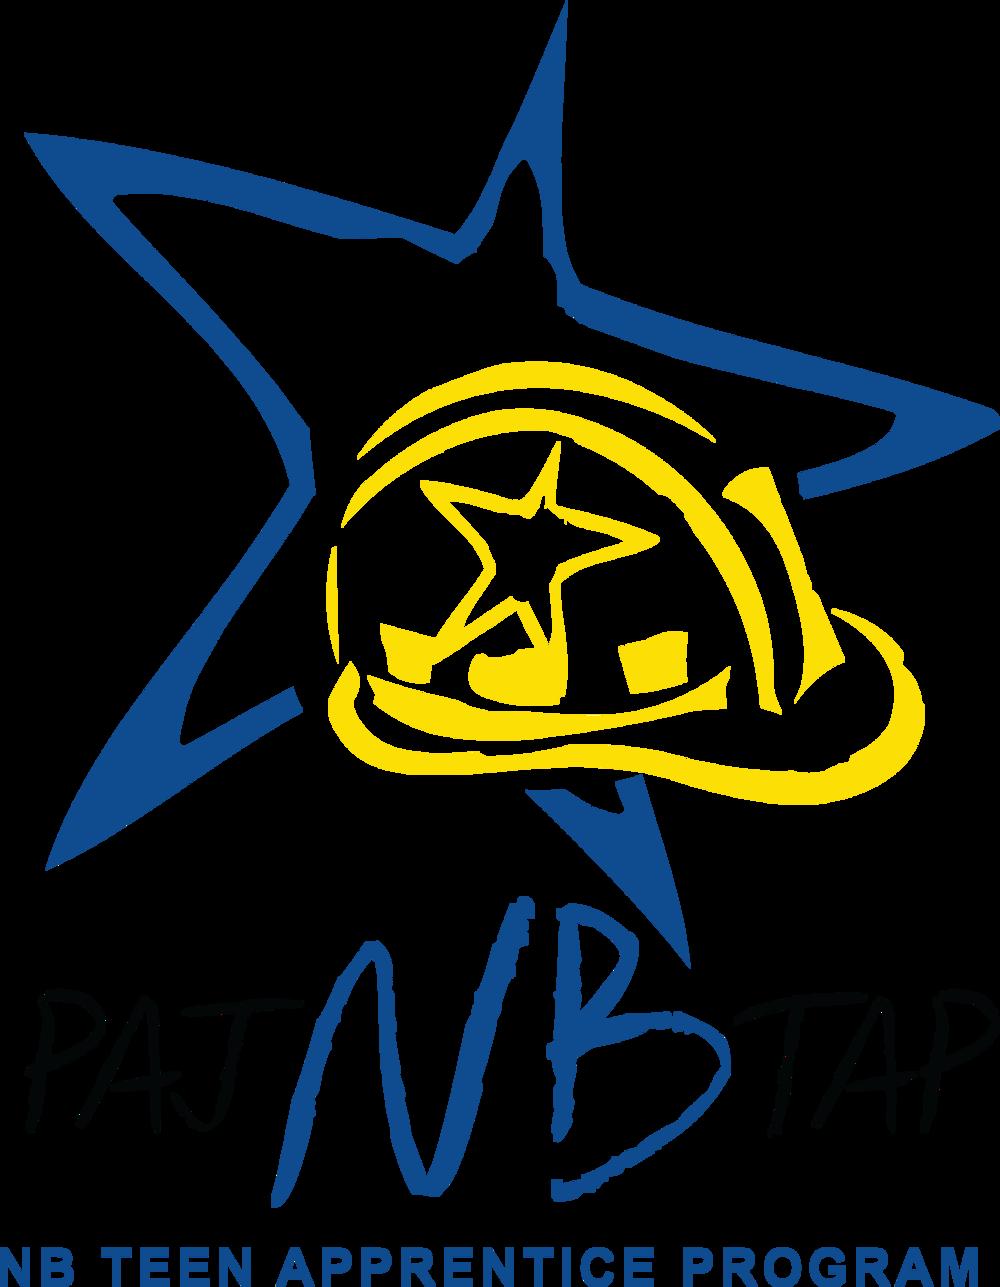 NBTap.png